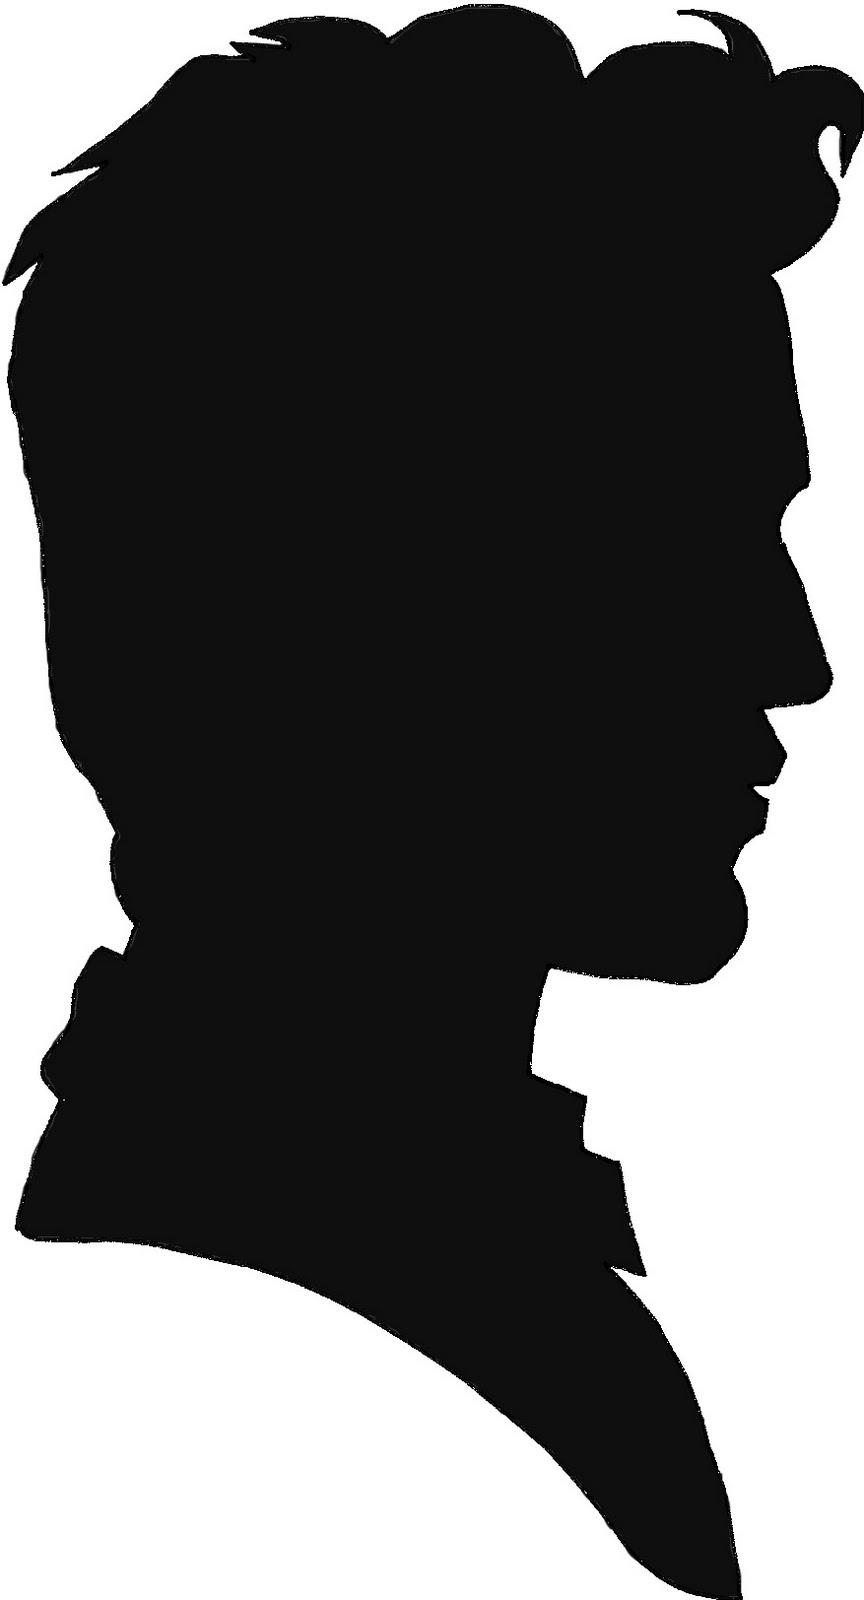 864x1600 Man Head Clipart Silhouette